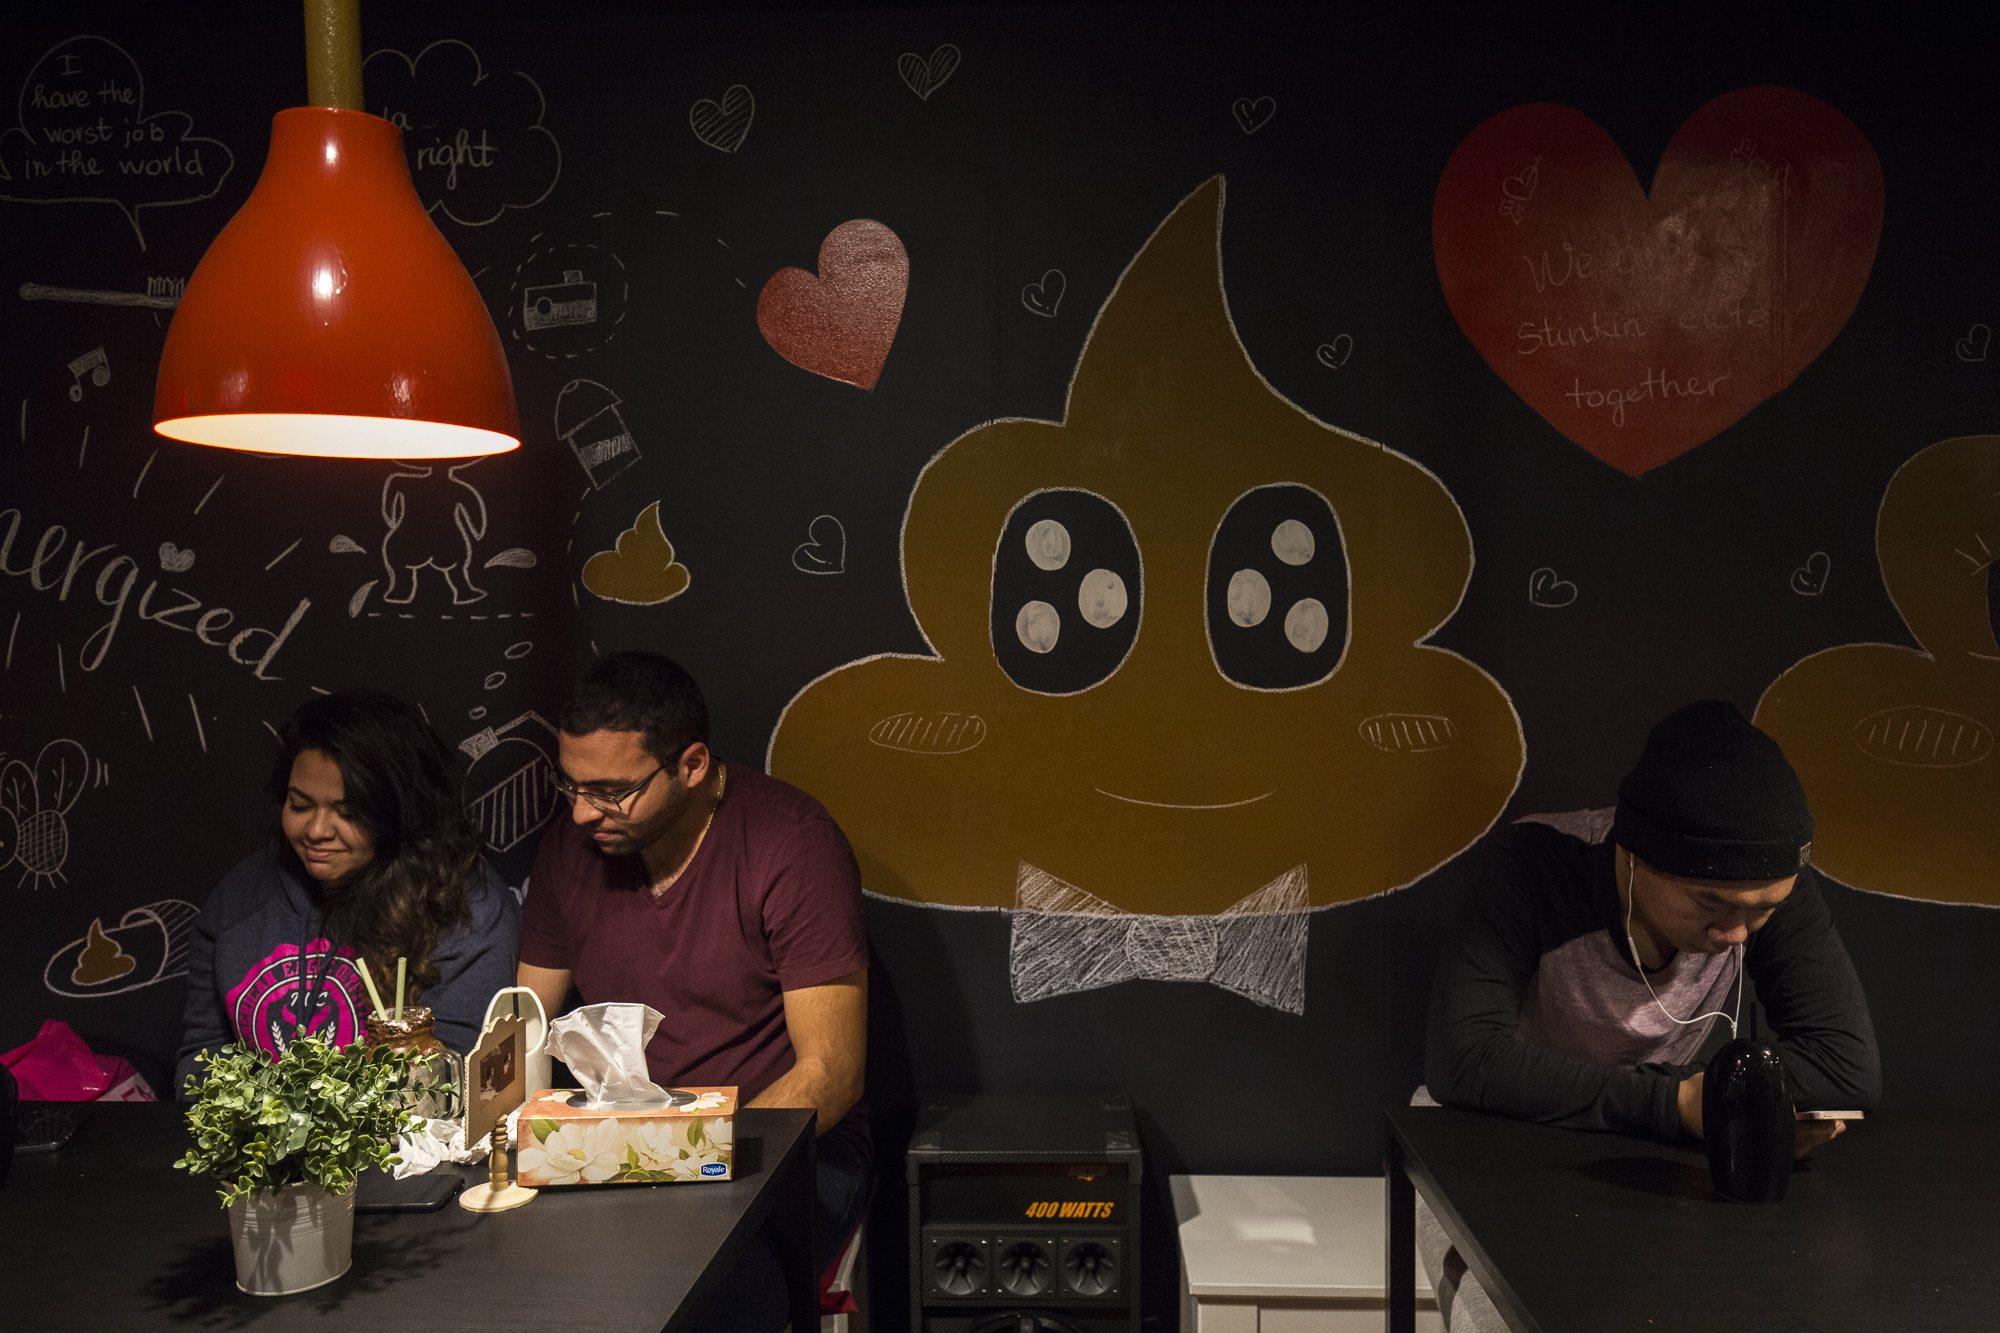 toronto-streeters-first-poop-cafe-annex-poop-emoji